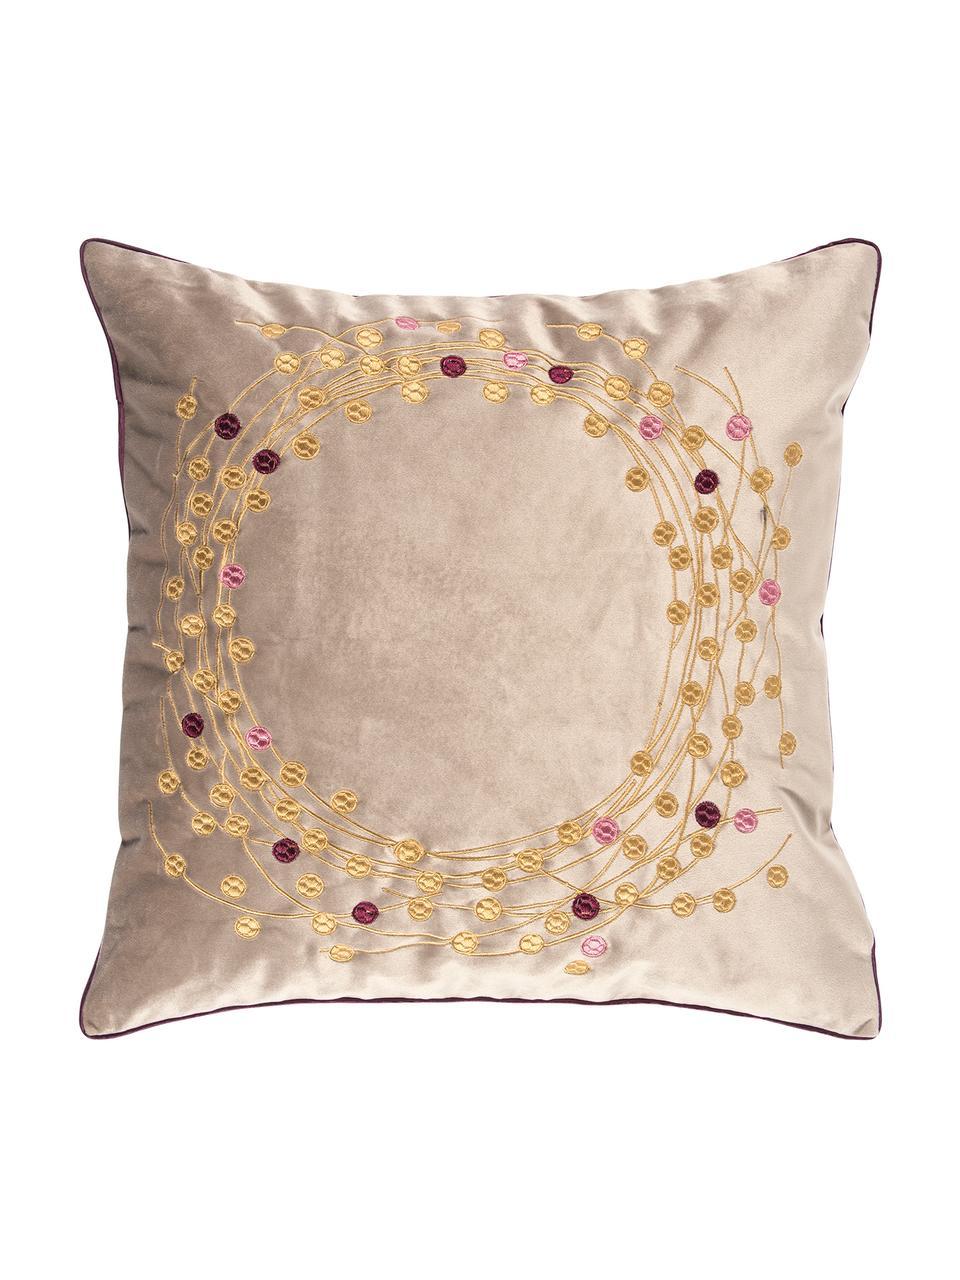 Samt-Kissenhülle Circle mit besticktem winterlichem Motiv, Polyestersamt, Sandfarben, Goldfarben, 45 x 45 cm